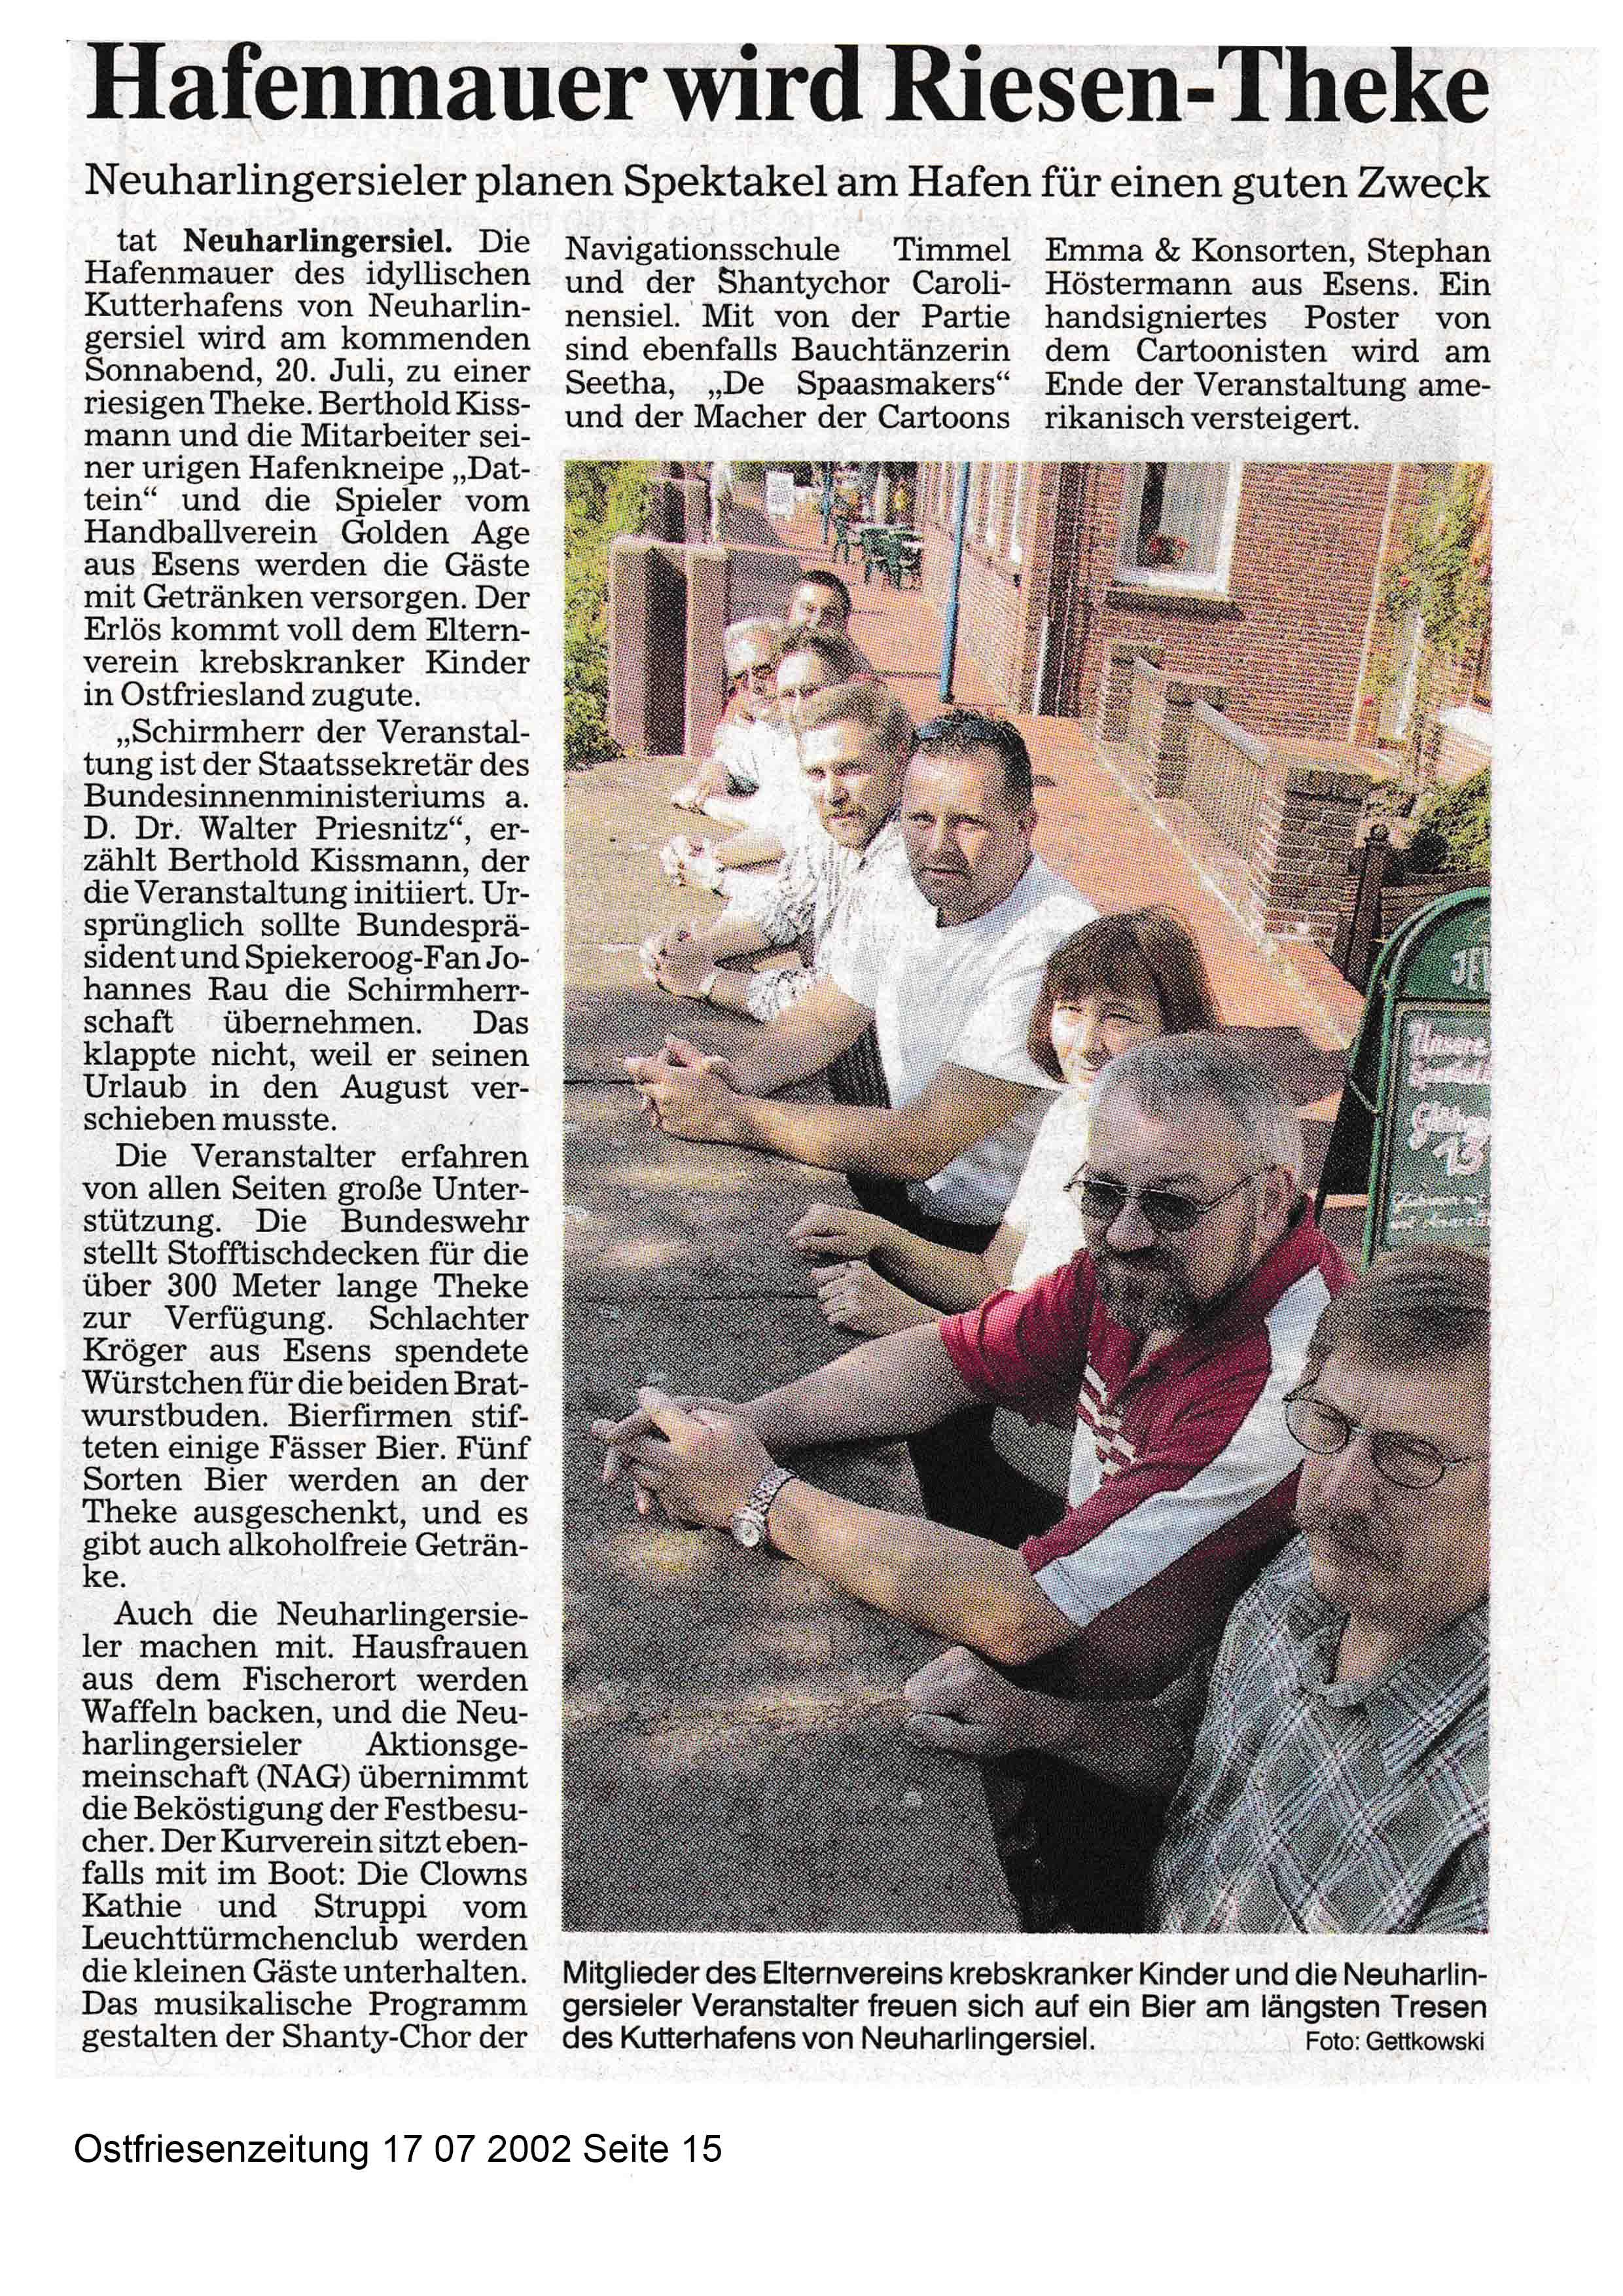 Ostfriesenzeitung 17 07 2002 Seite 15